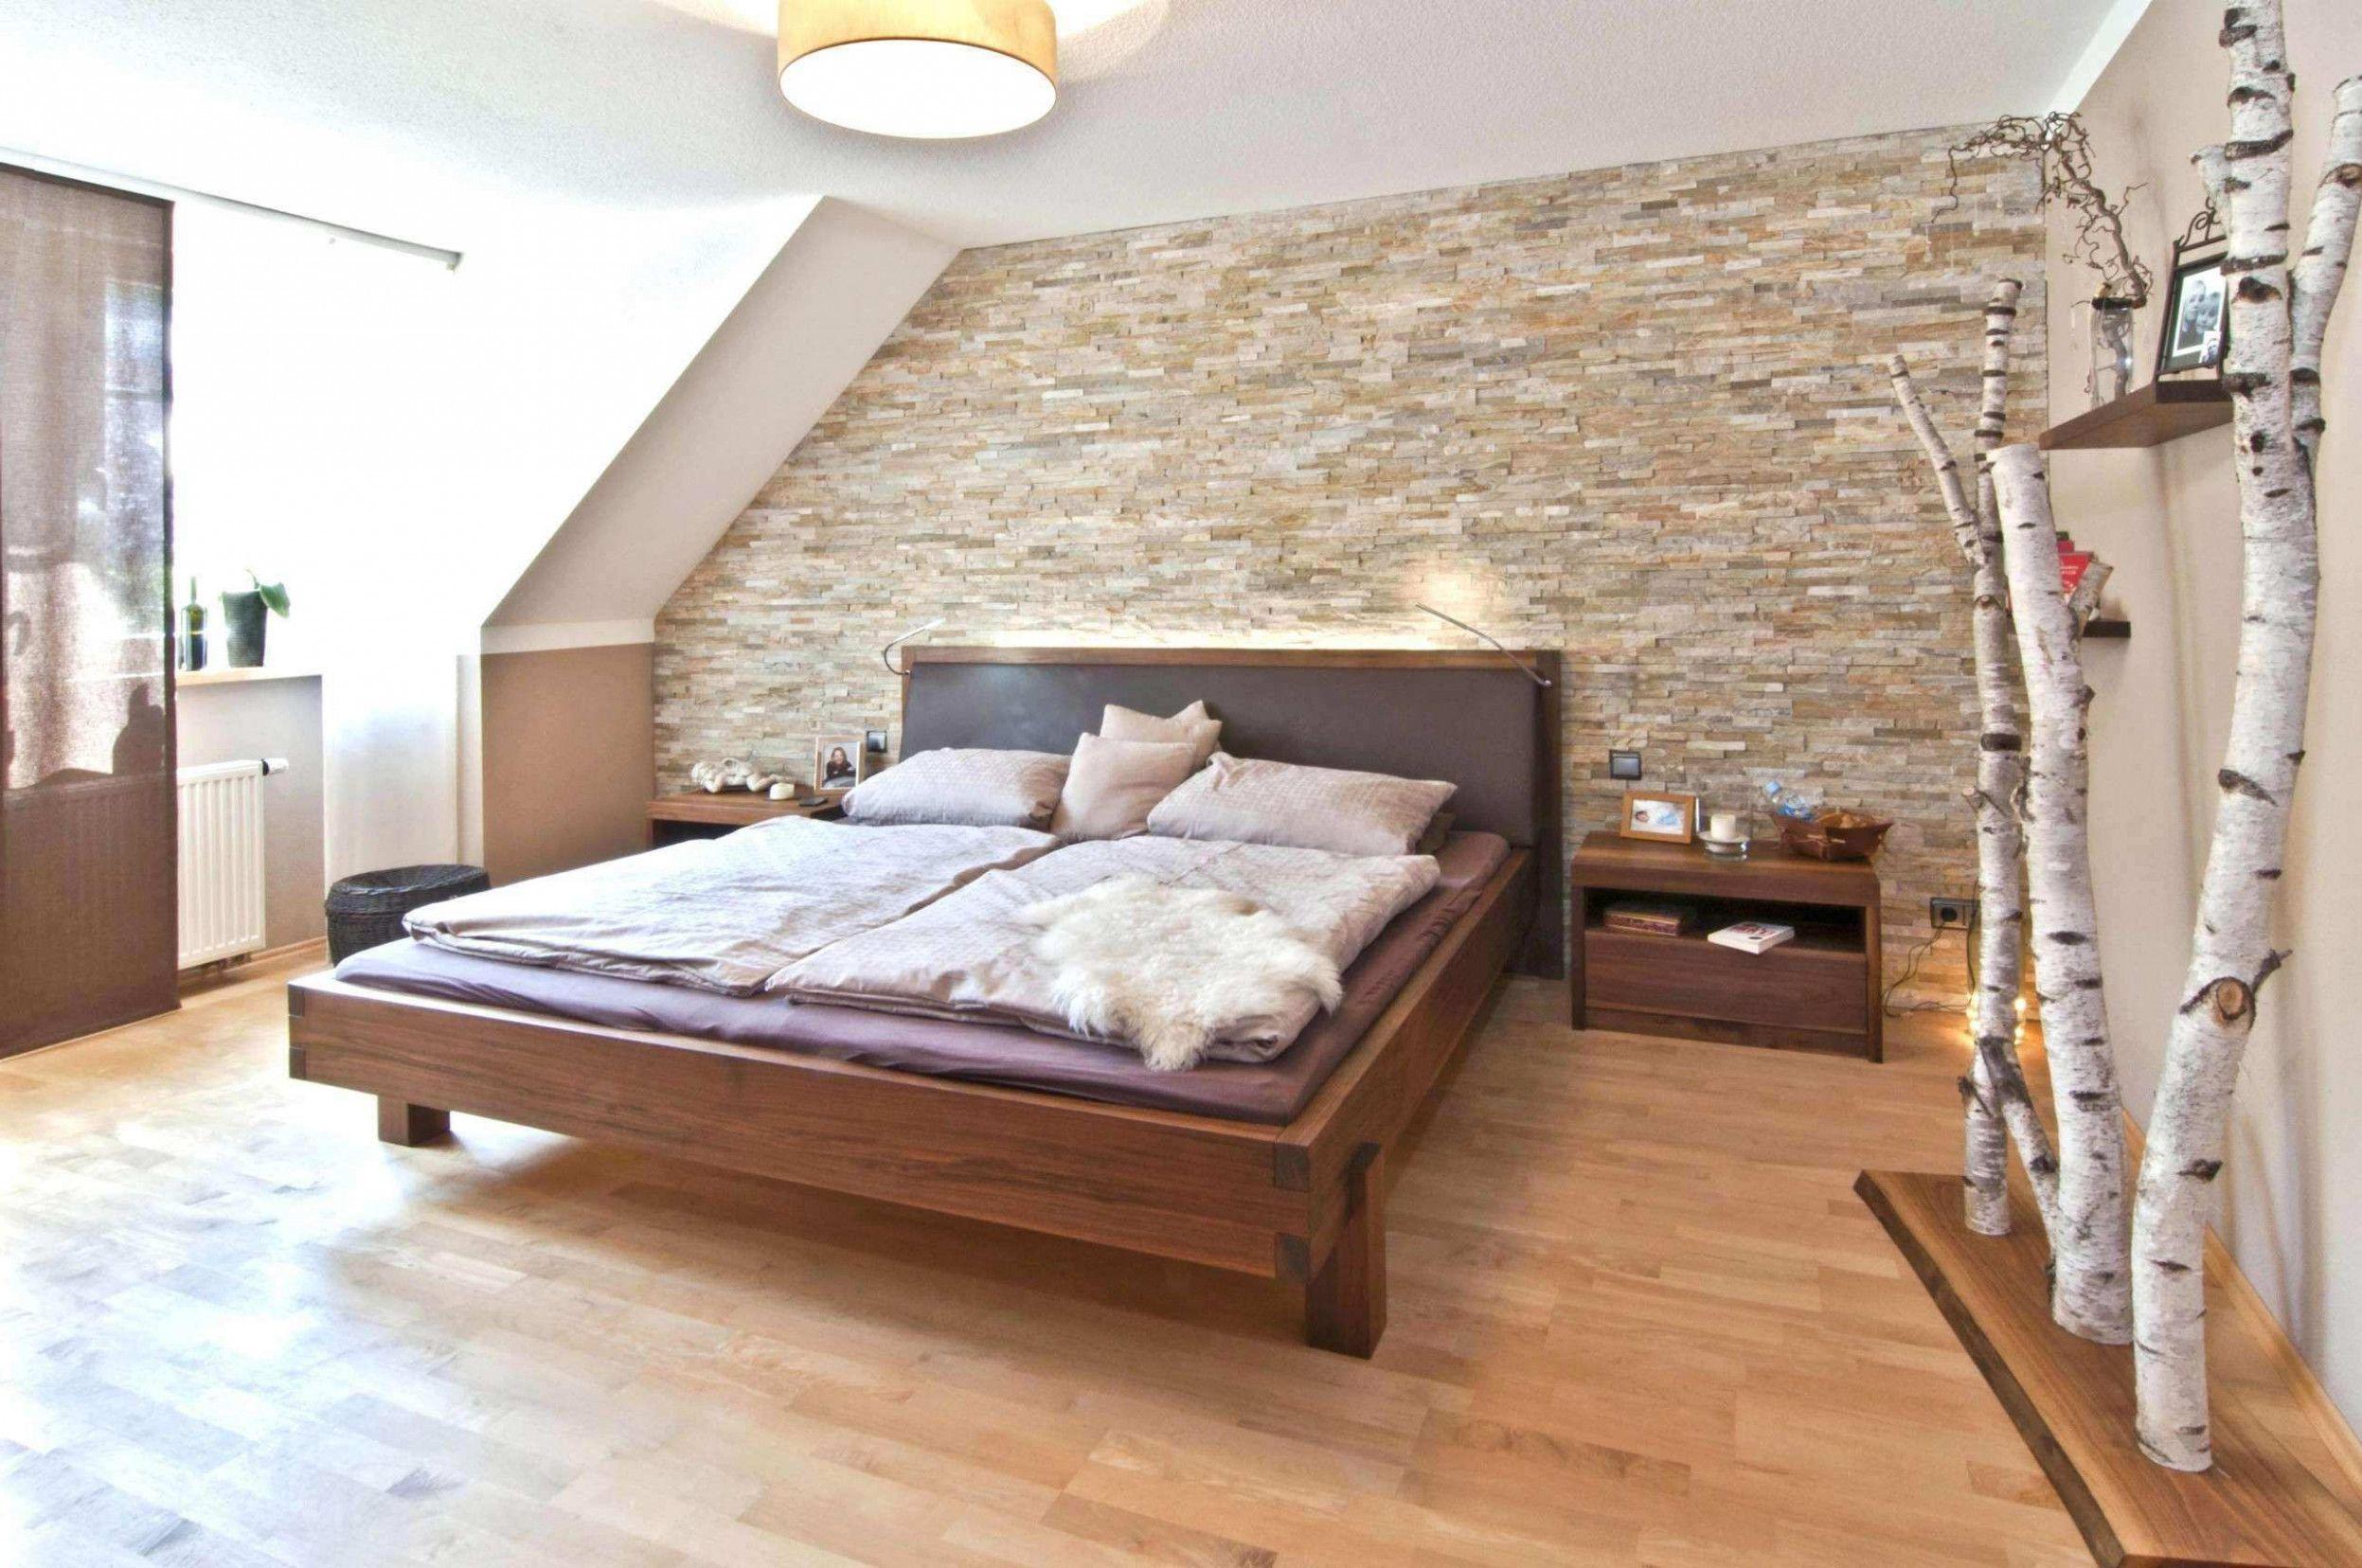 15 Geniale Moglichkeiten Mit Deko Schlafzimmer Modern Schlafzimmer Ideen Inneneinrichtung Ideen Schlafzimmer Einrichten